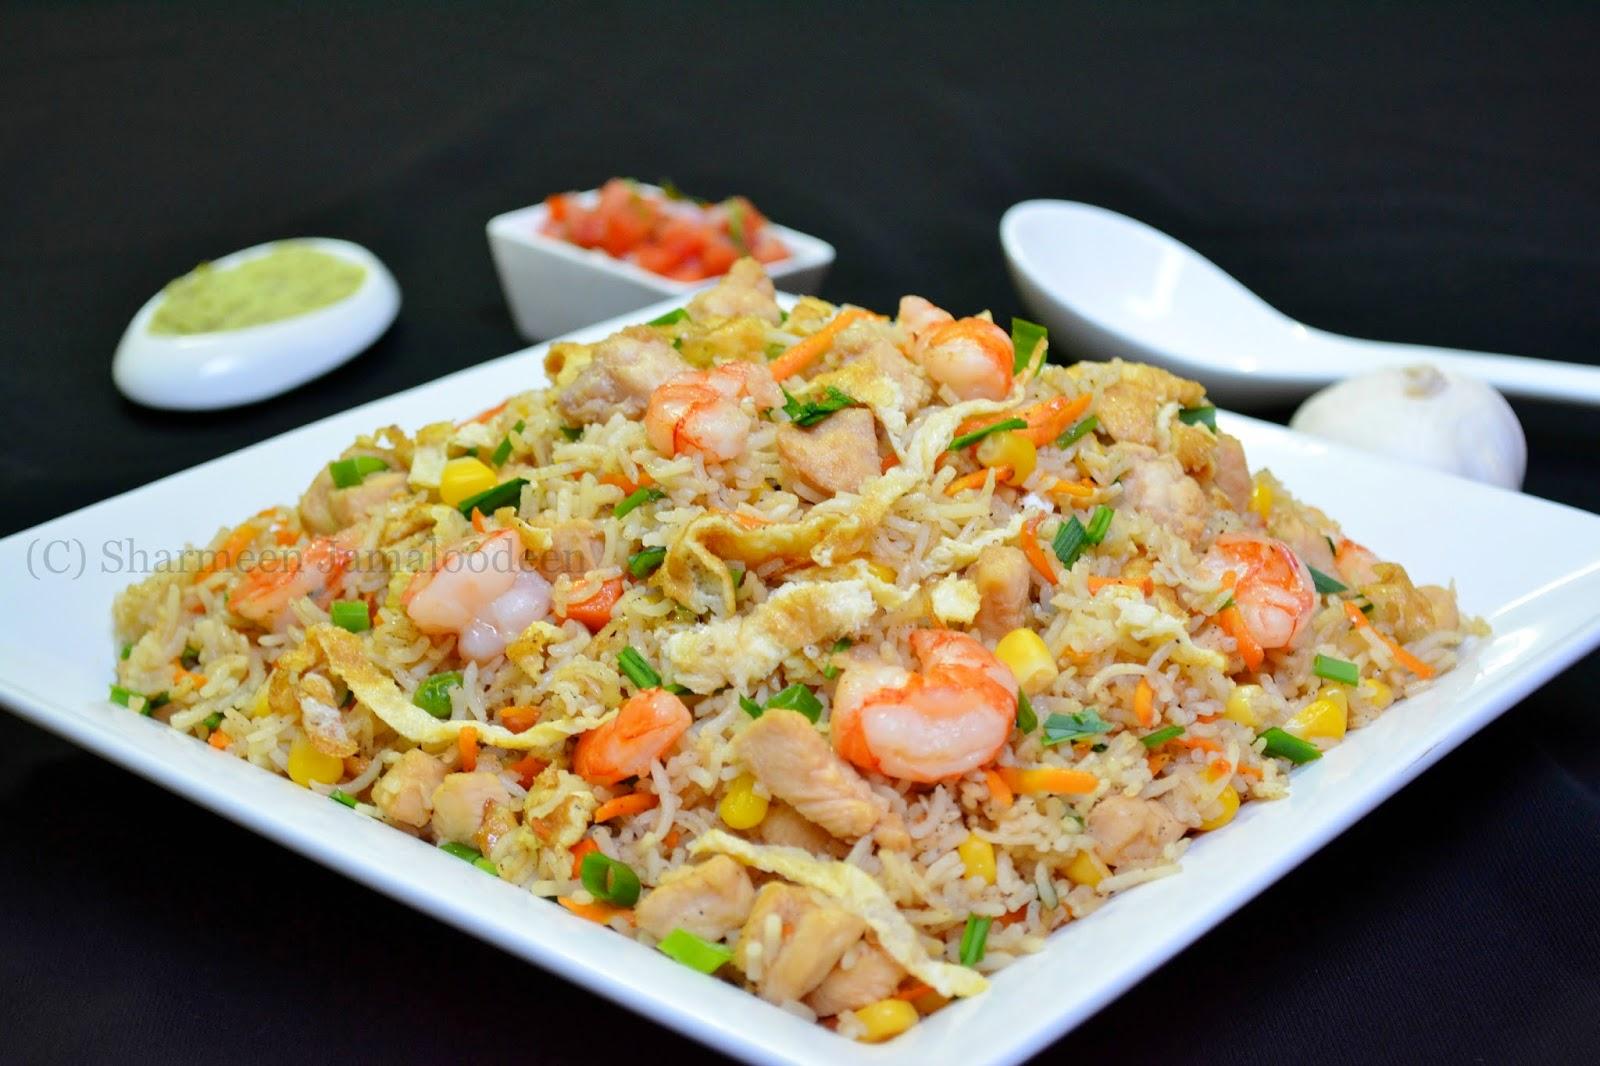 Wonderful Mauritius Eid Al-Fitr Food - DSC_0140  You Should Have_863159 .jpg